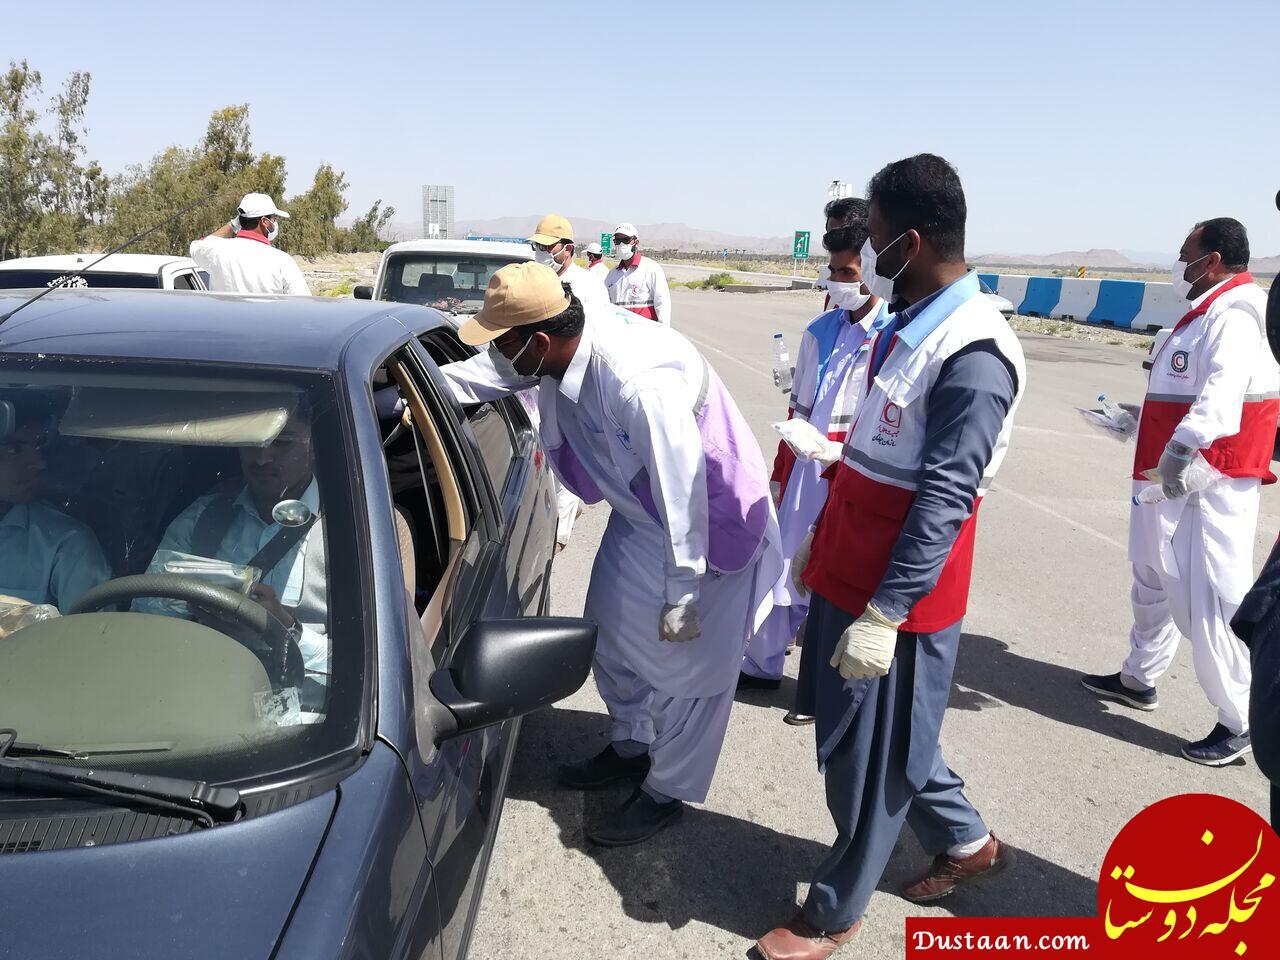 www.dustaan.com جزئیات محدودیت های سراسری در کشور که از فردا اعمال می شود